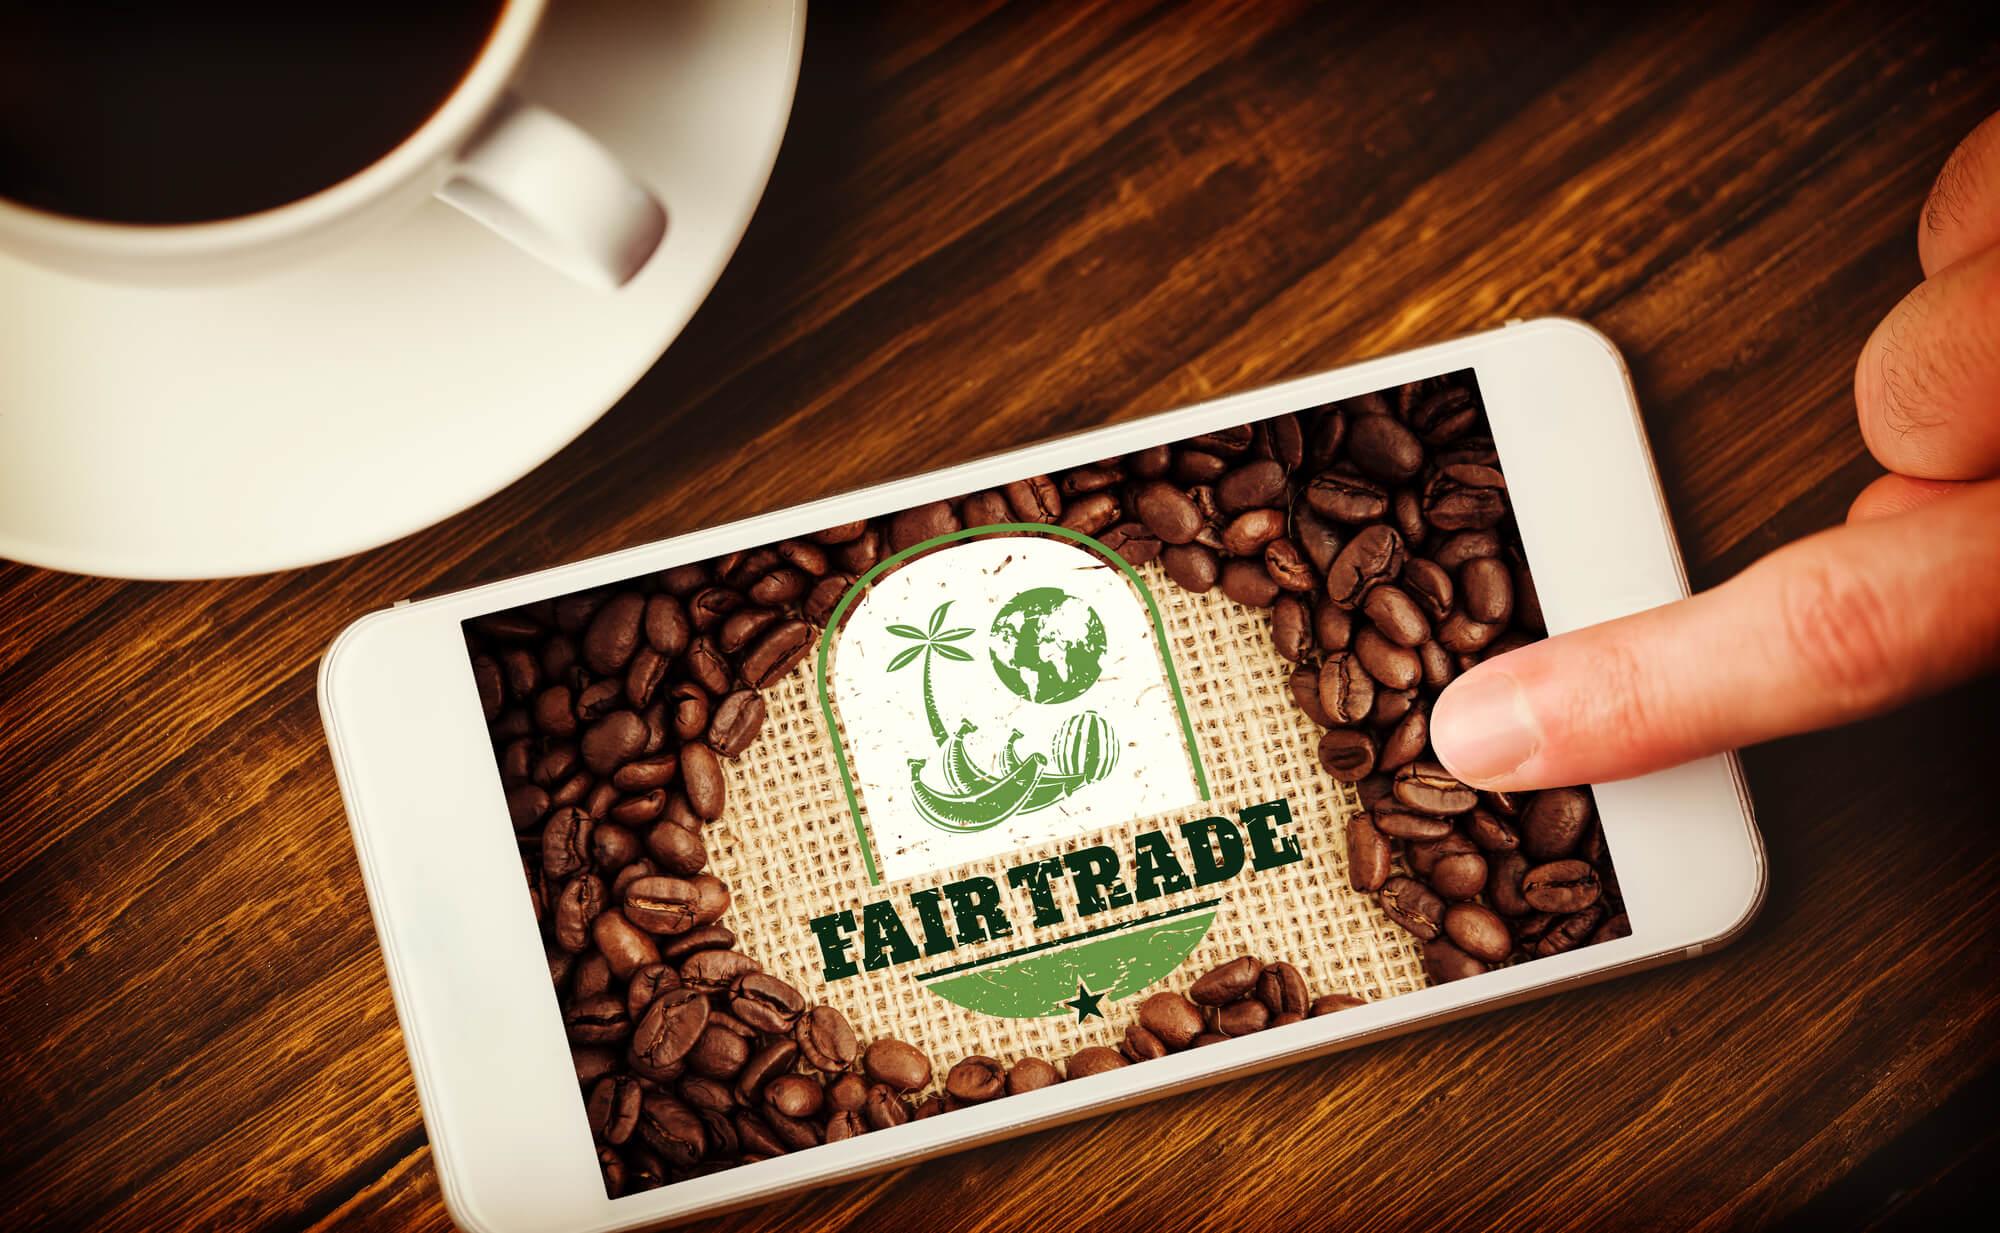 あなたの「美味しい」が、国境を越えた支援につながる!  ― WE21ジャパン様の民際協力とフェアトレード